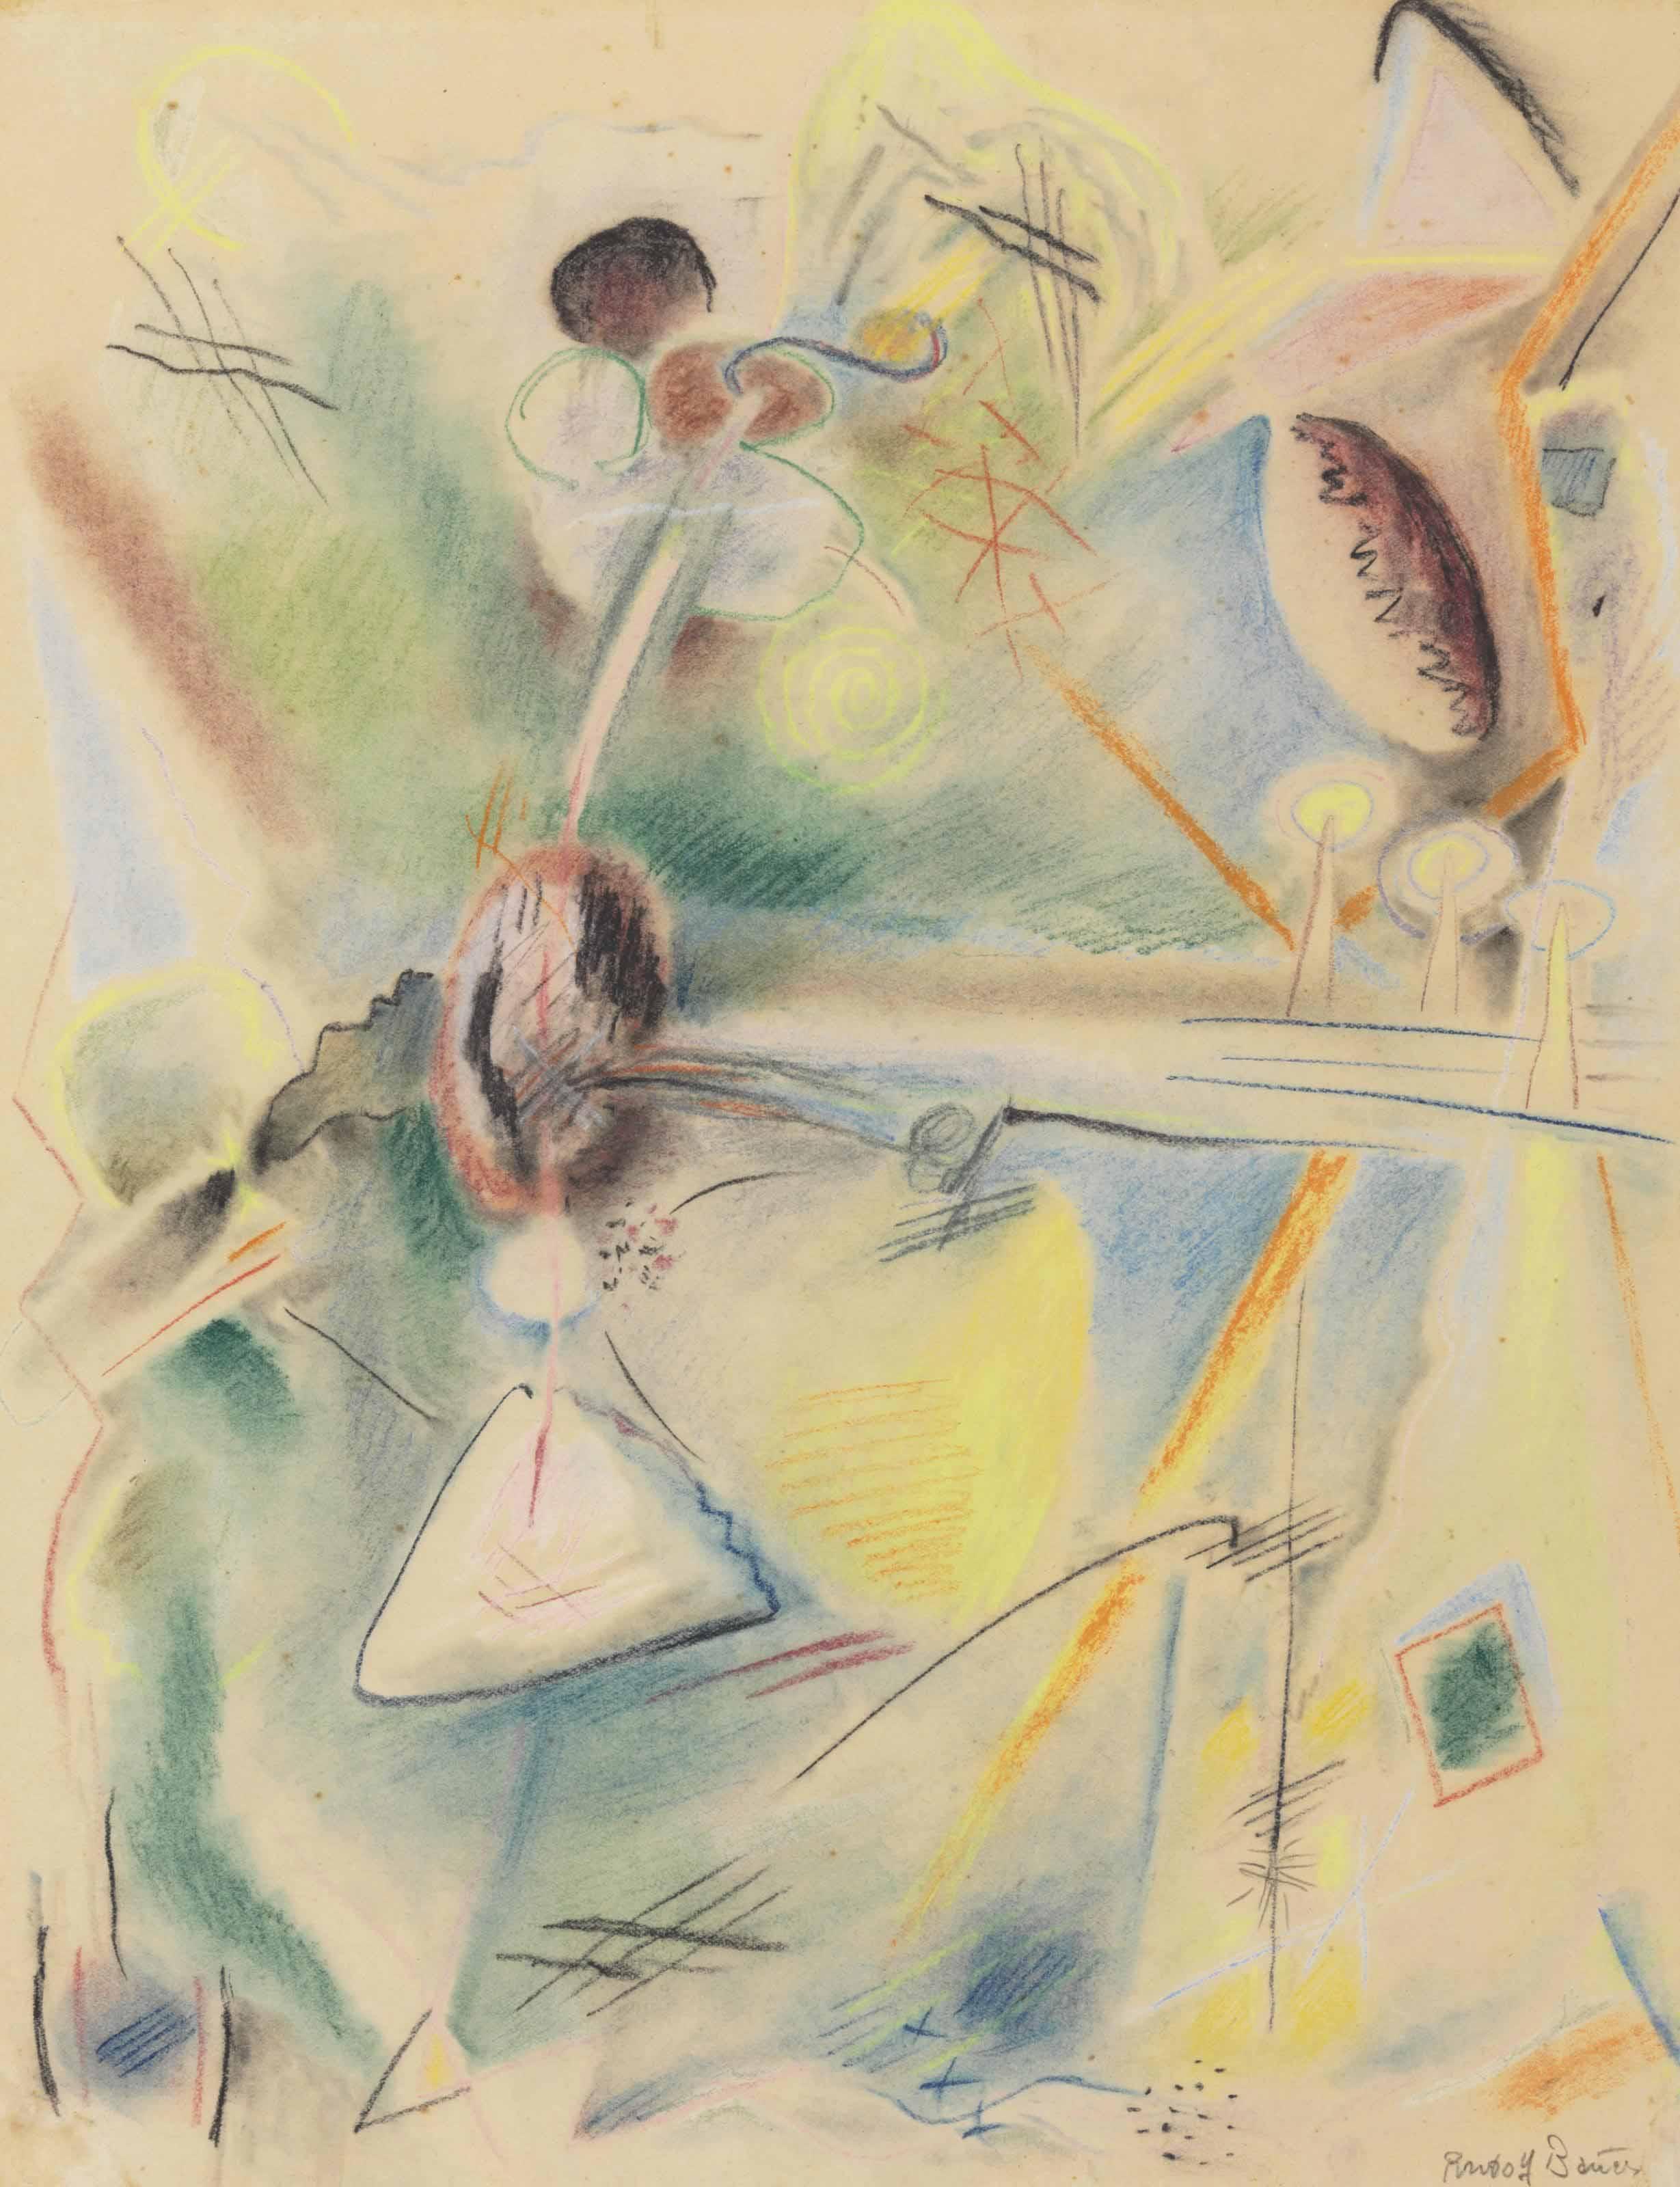 Rudolf Bauer (1889-1953)